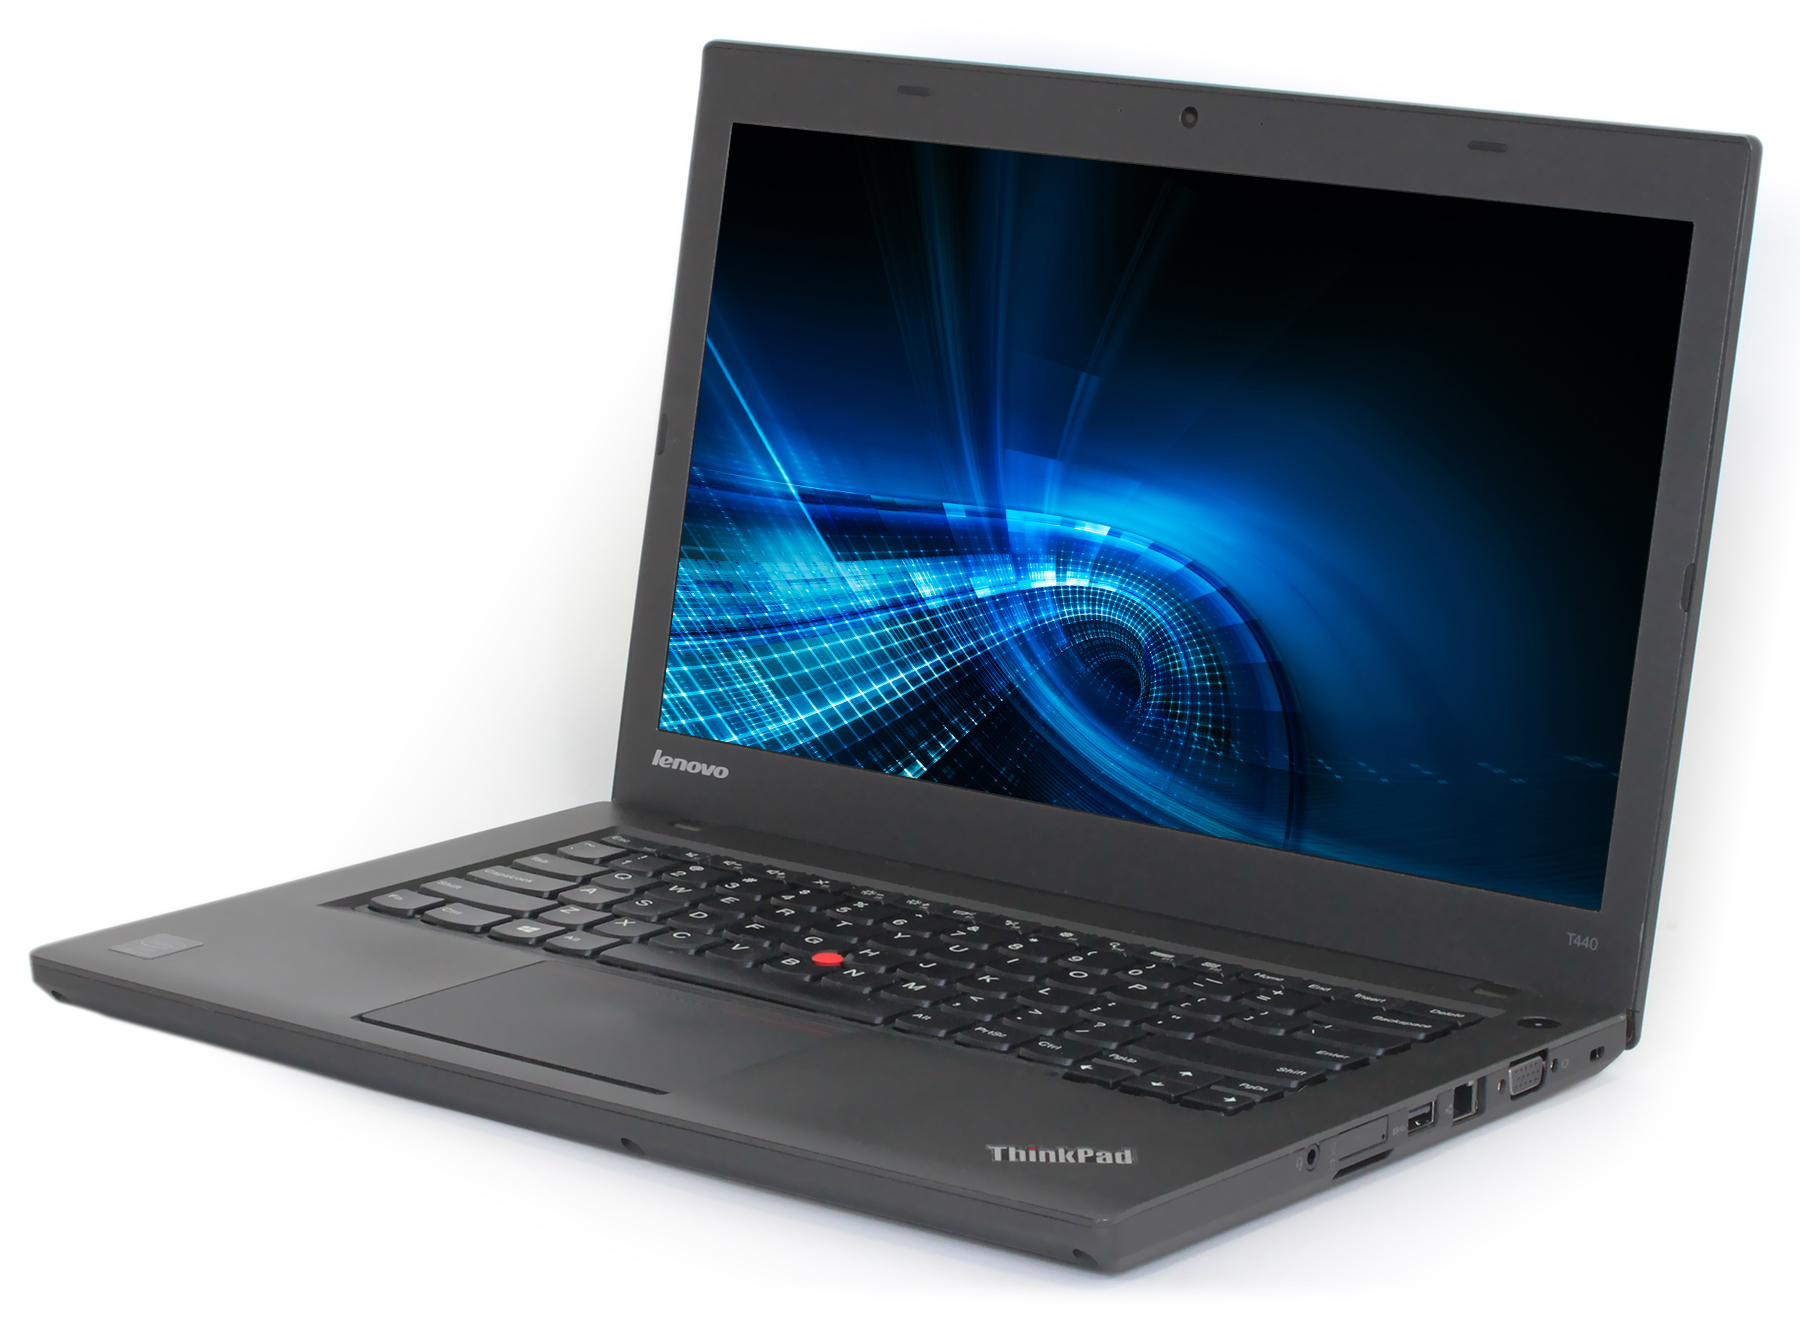 Details about Lenovo T440 Thinkpad i7 4600U 2 1 Ghz 12GB DDR3 RAM 240GB SSD  Windows 10 14